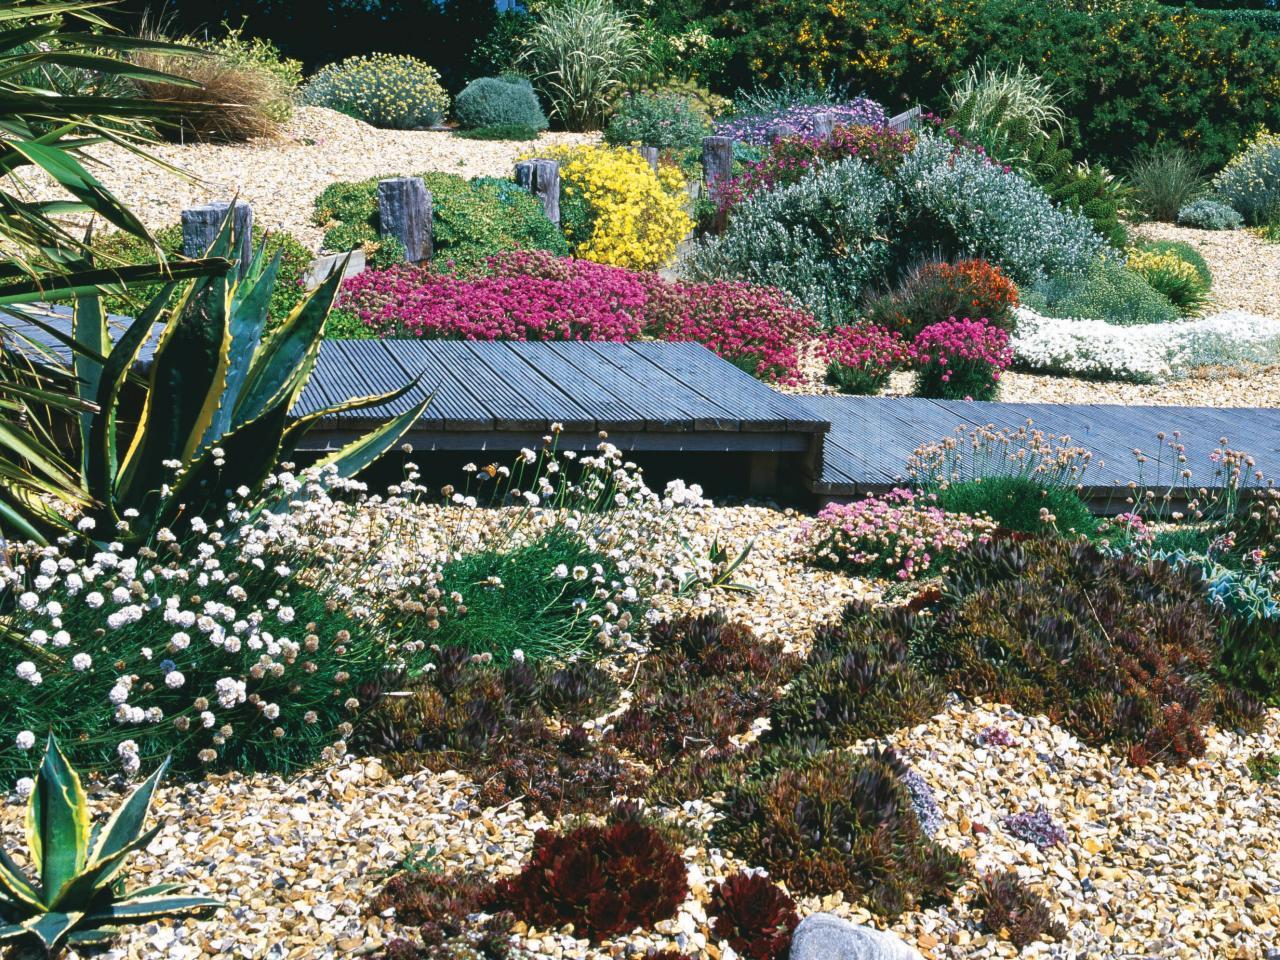 Garden Design Ideas By The Sea: 25 Beach Style Outdoor Design Ideas